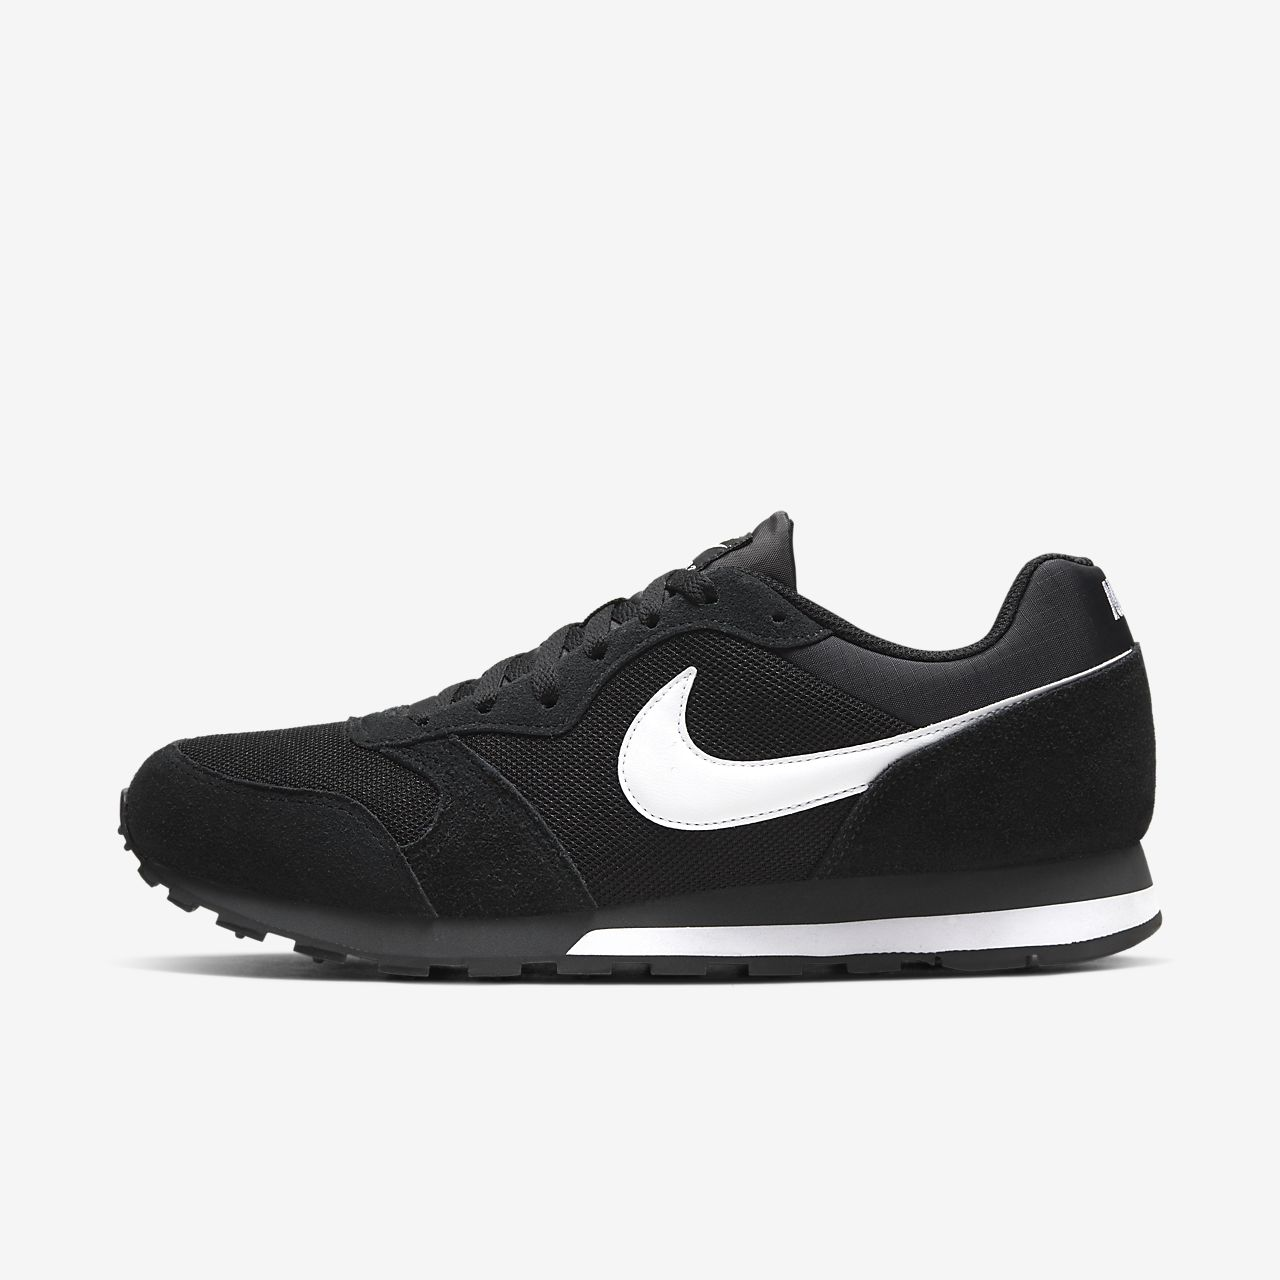 online retailer 43541 4a27a ... Sko Nike MD Runner 2 för män